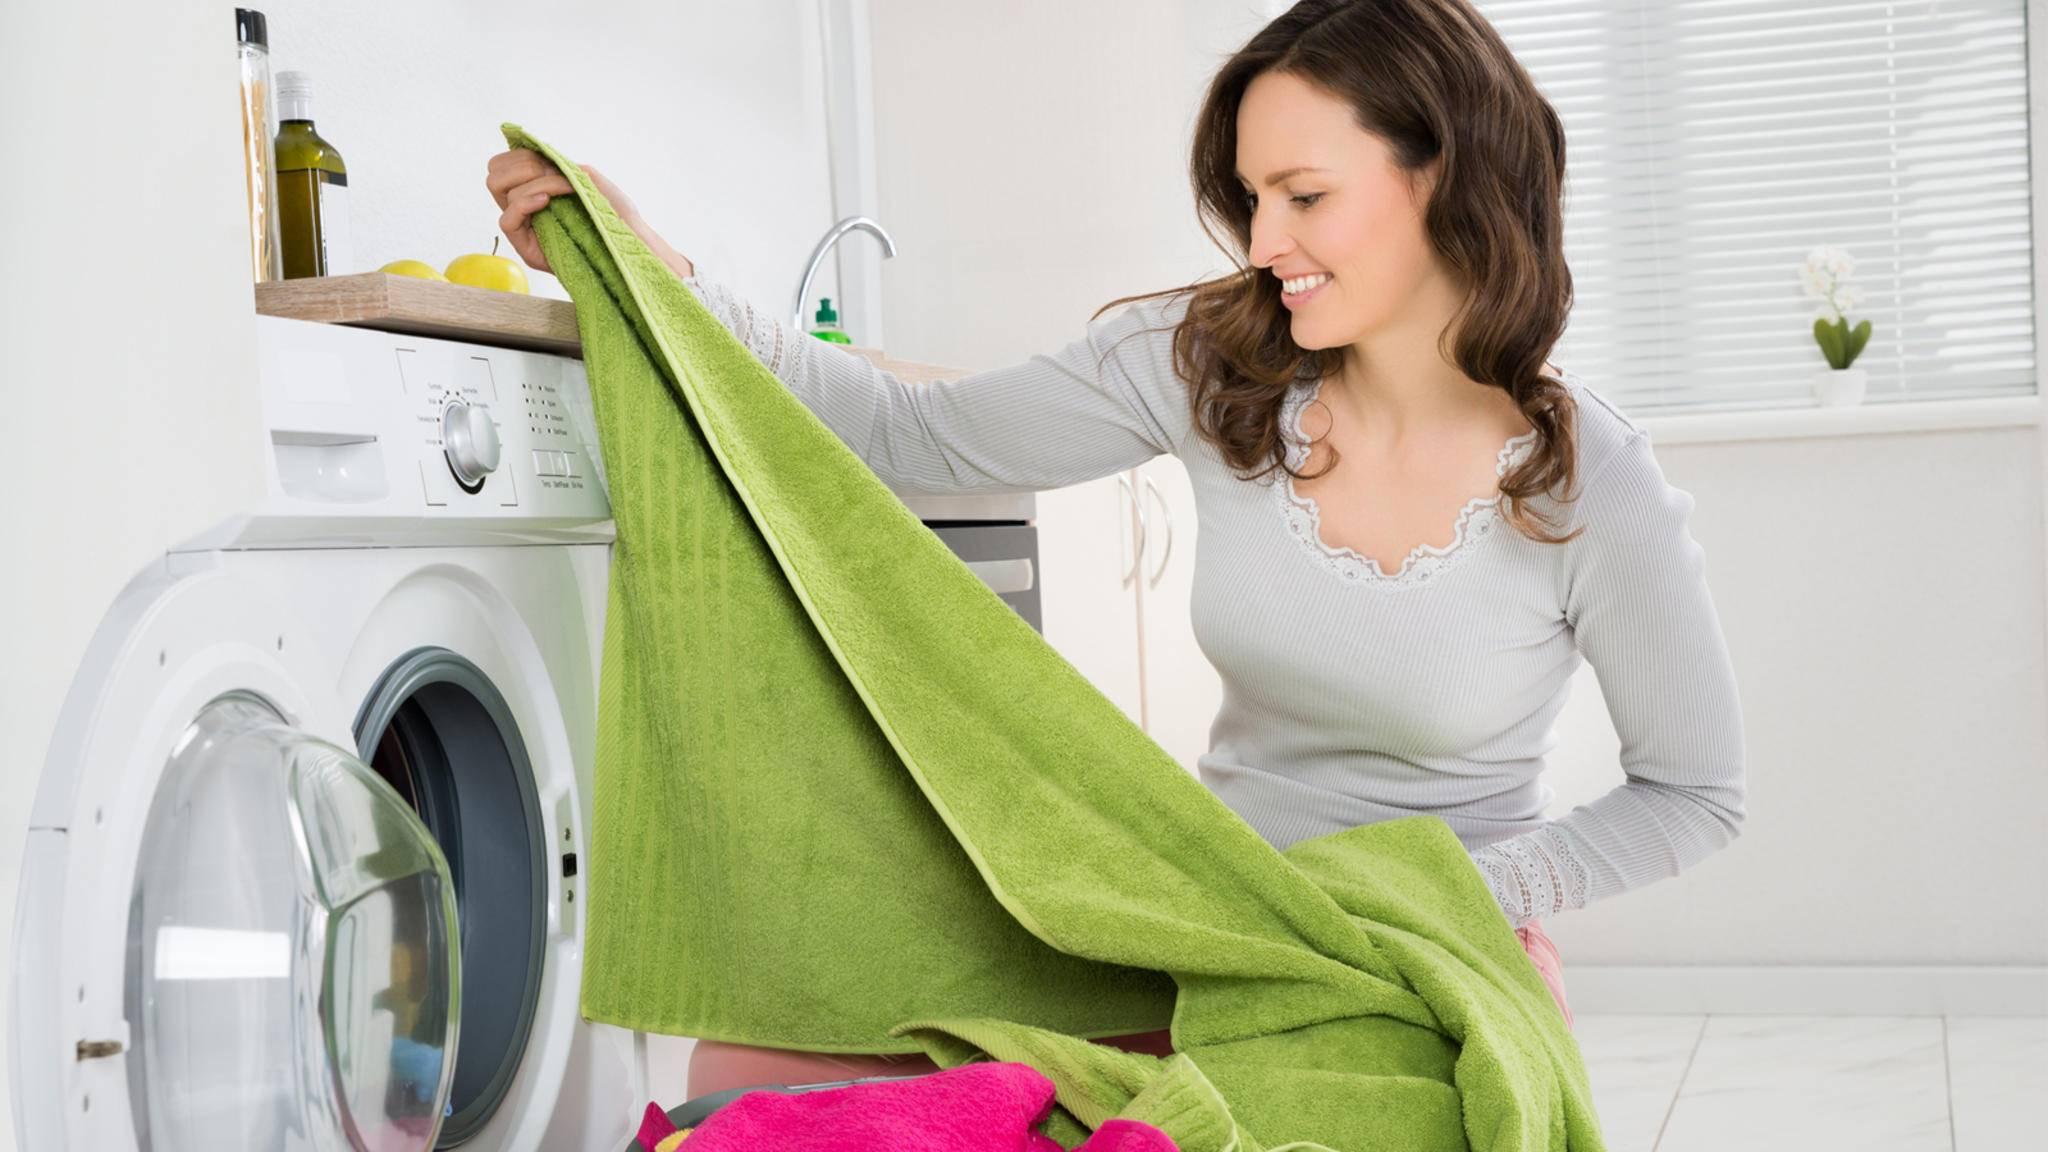 Wäschetrockner erleichtern das Leben, wollen aber auch regelmäßig gereinigt werden.